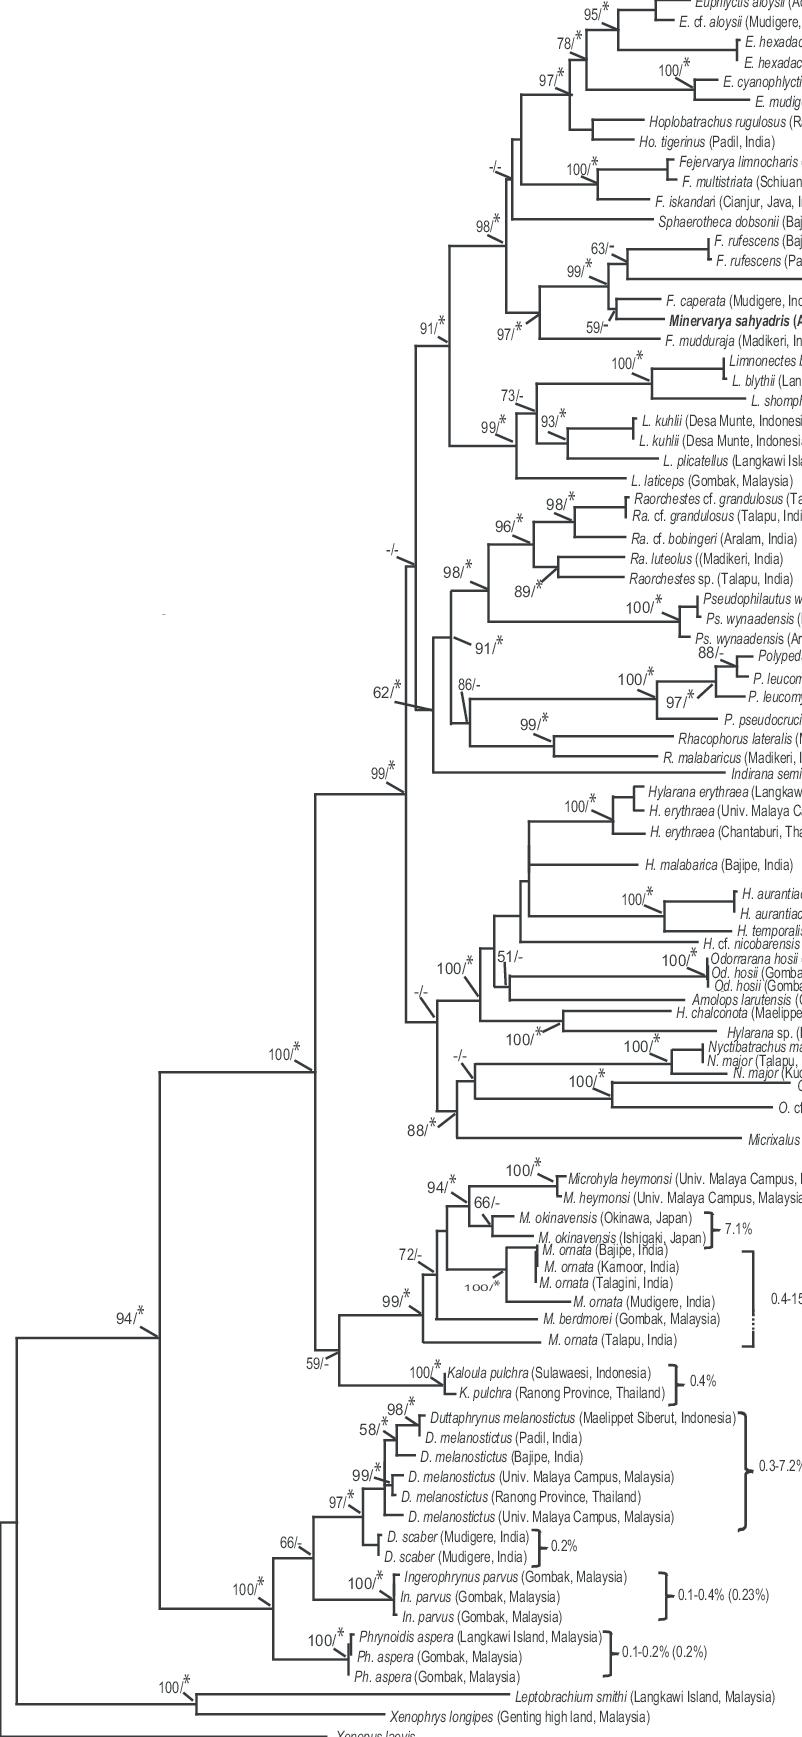 Maximum likelihood (ML) tree based on nucleotide sequences